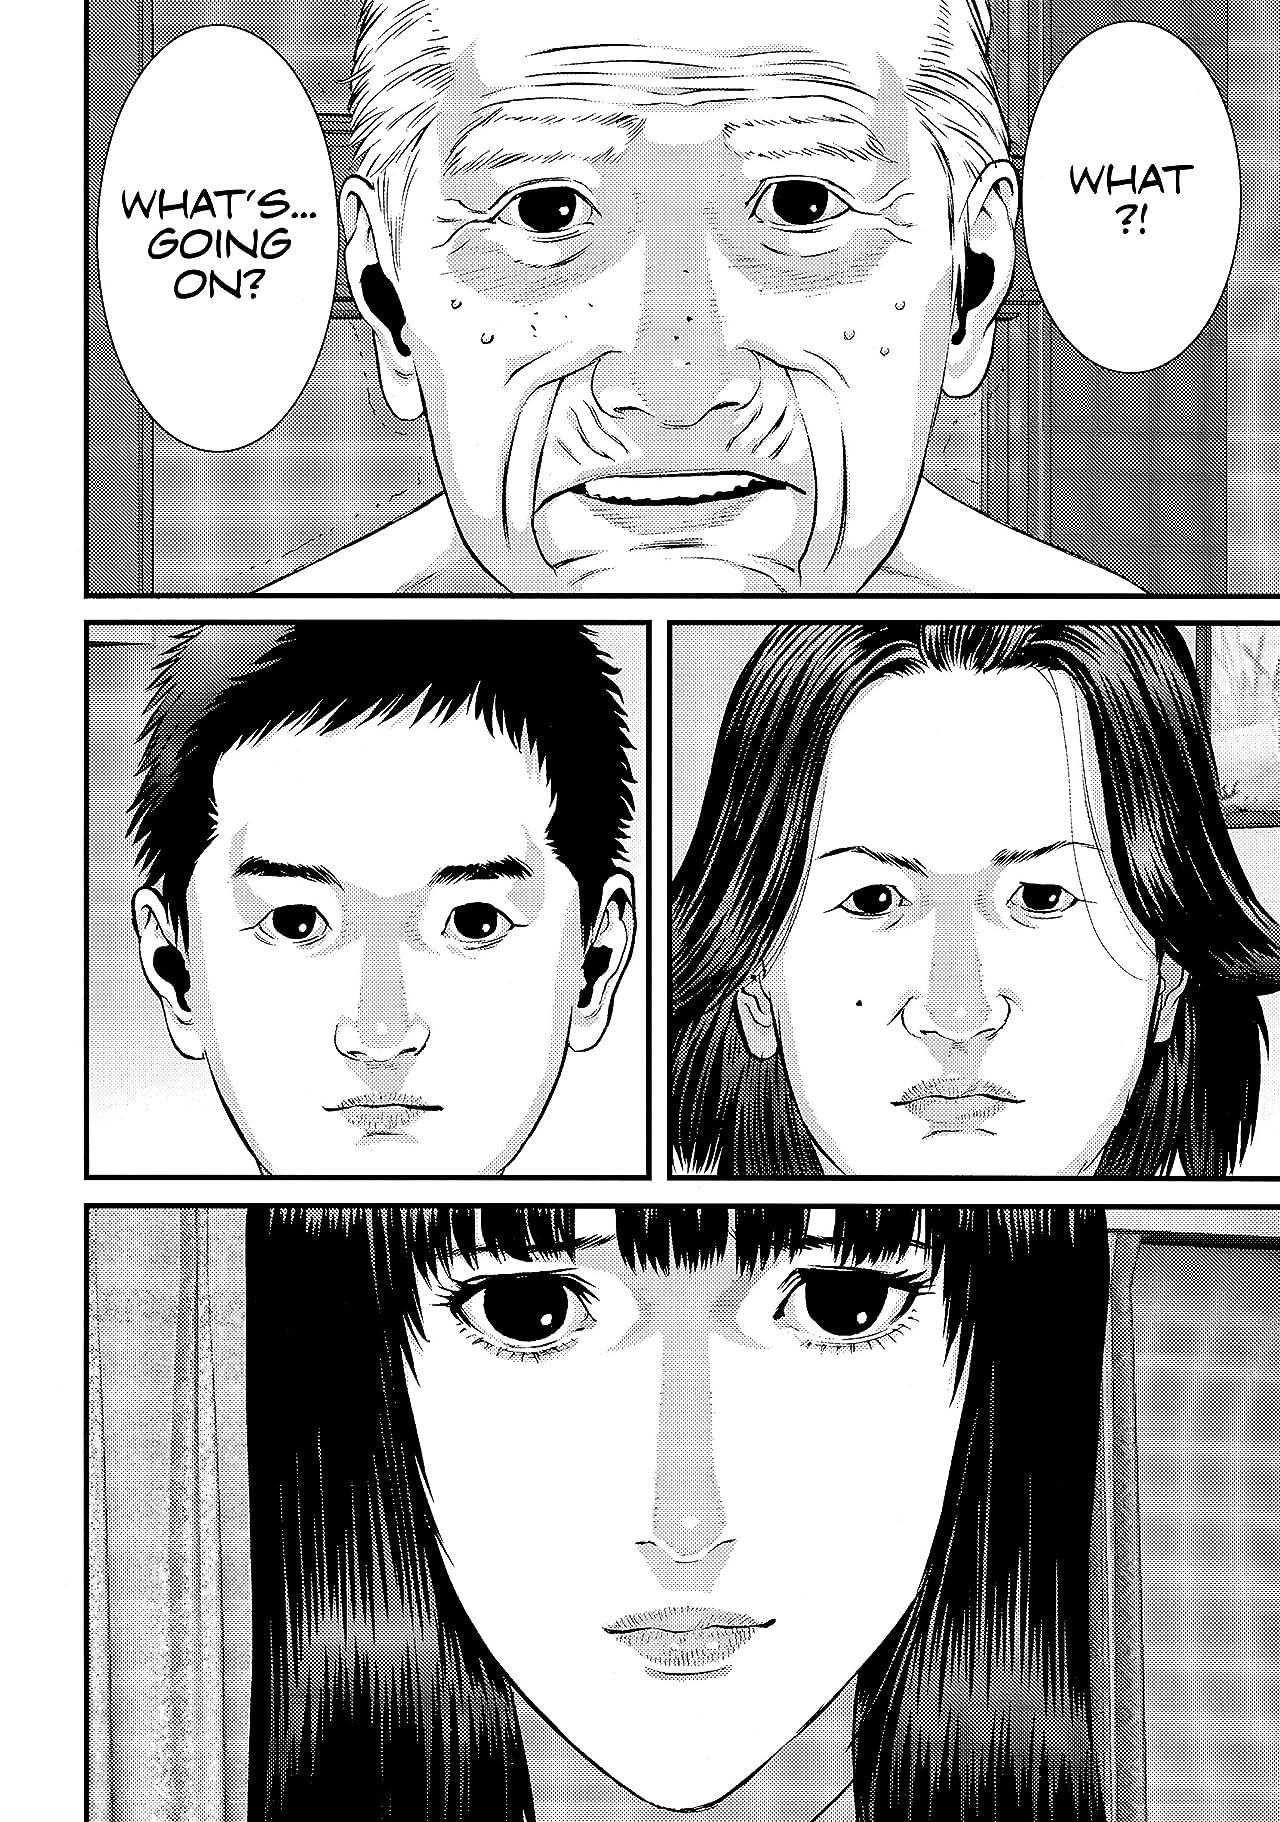 Inuyashiki #71